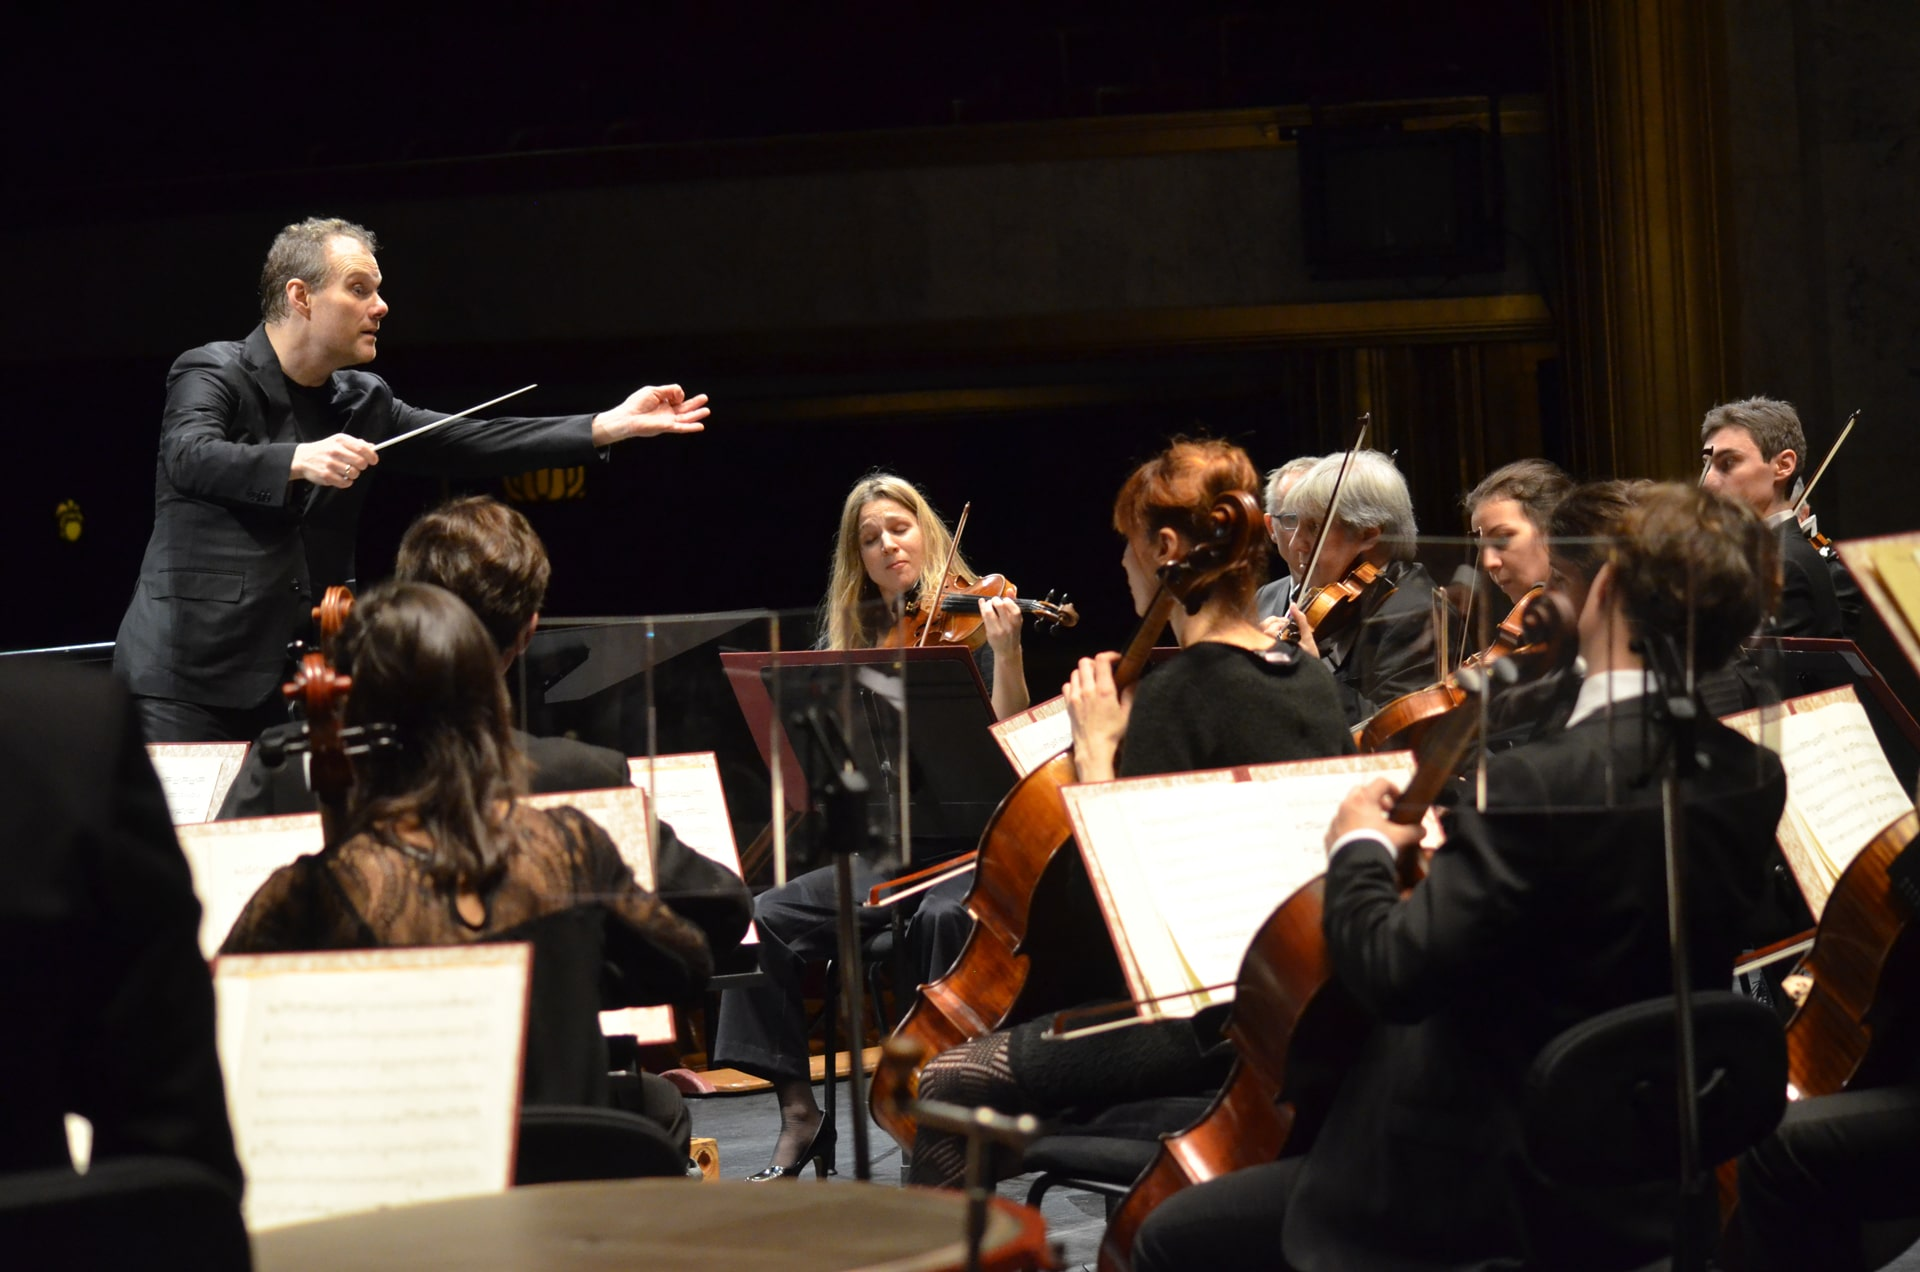 Lars vogt appointed music director of the orchestre de - Orchestre de chambre de paris ...